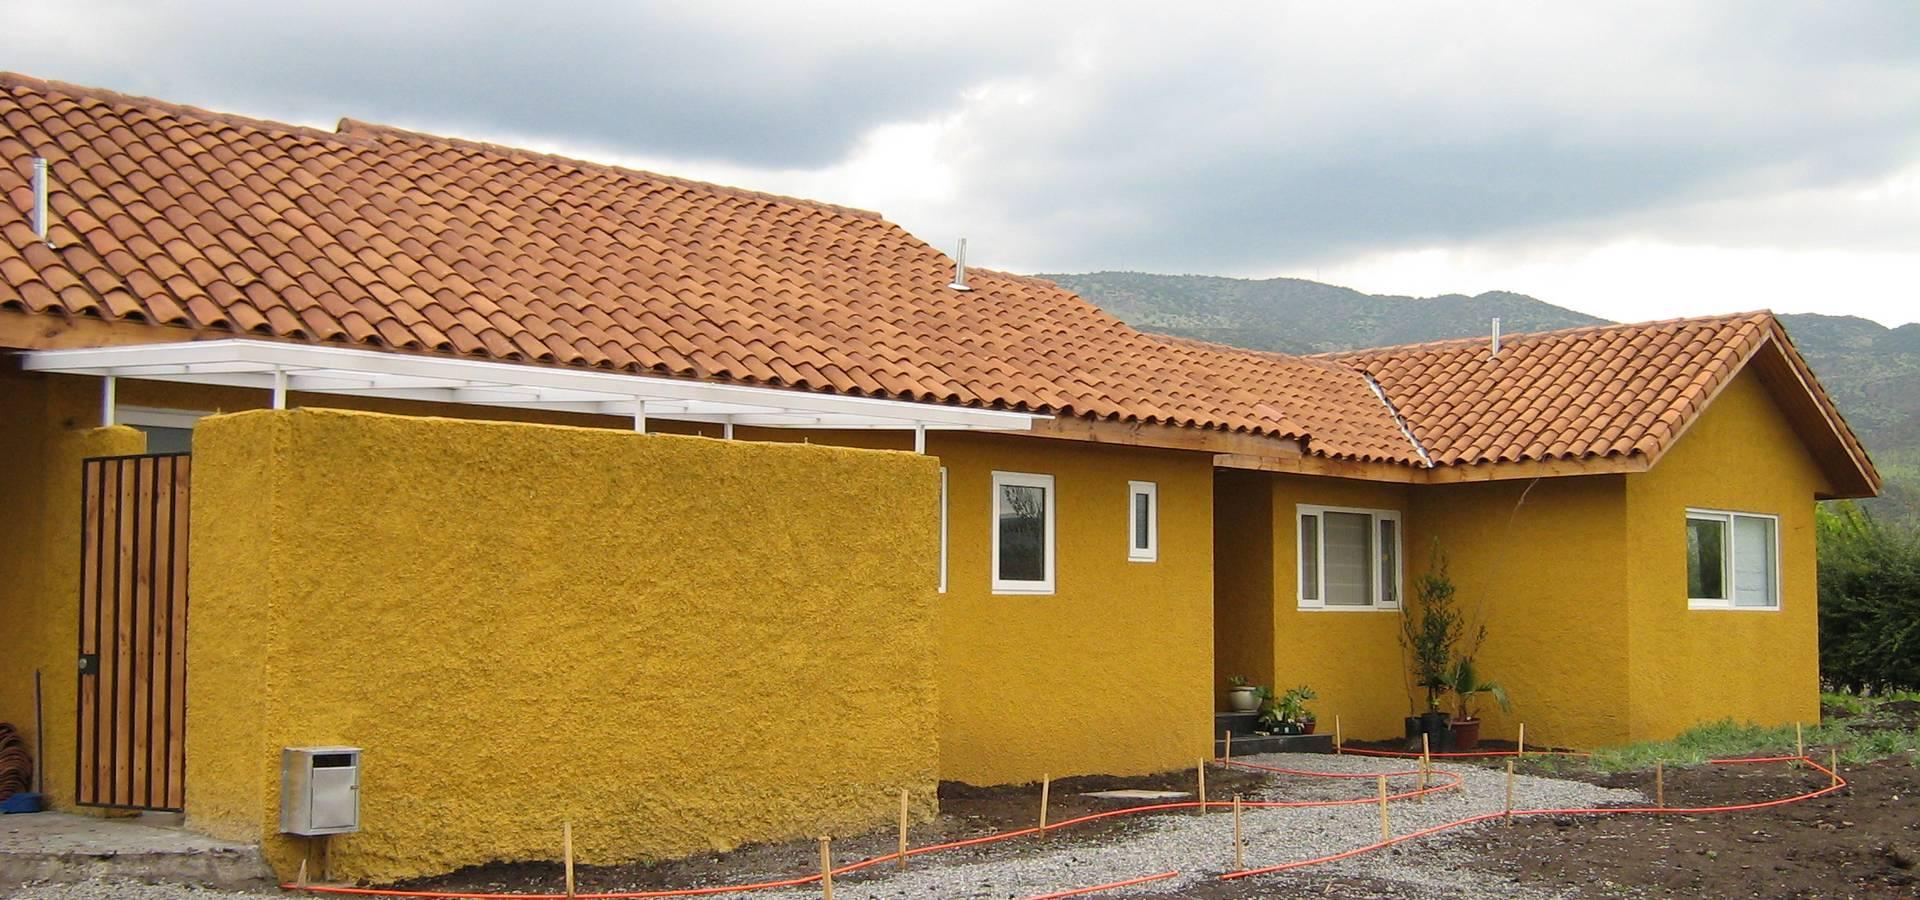 Casas E-Haus